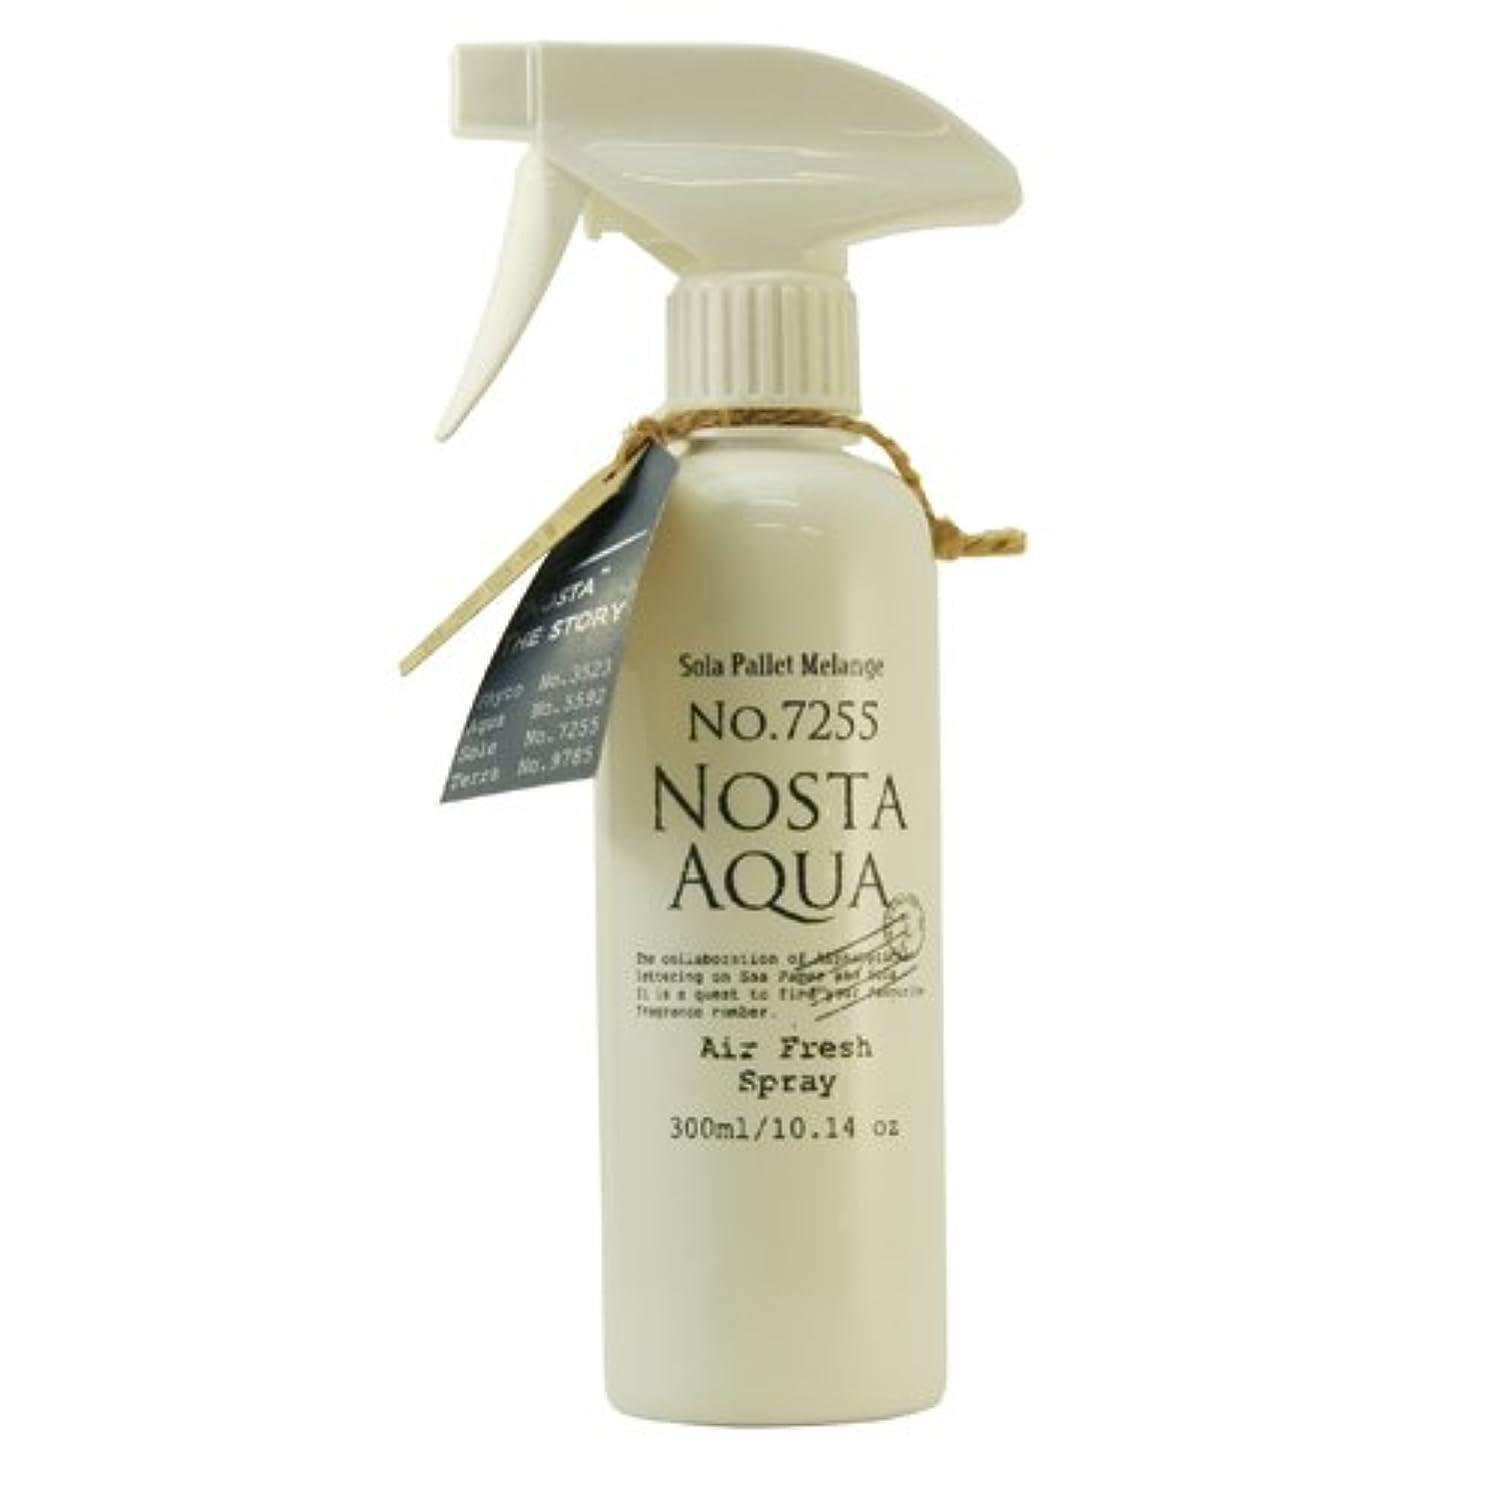 終了する床を掃除する十年Nosta ノスタ Air Fresh Spray エアーフレッシュスプレー(ルームスプレー)Aqua アクア / 生命の起源